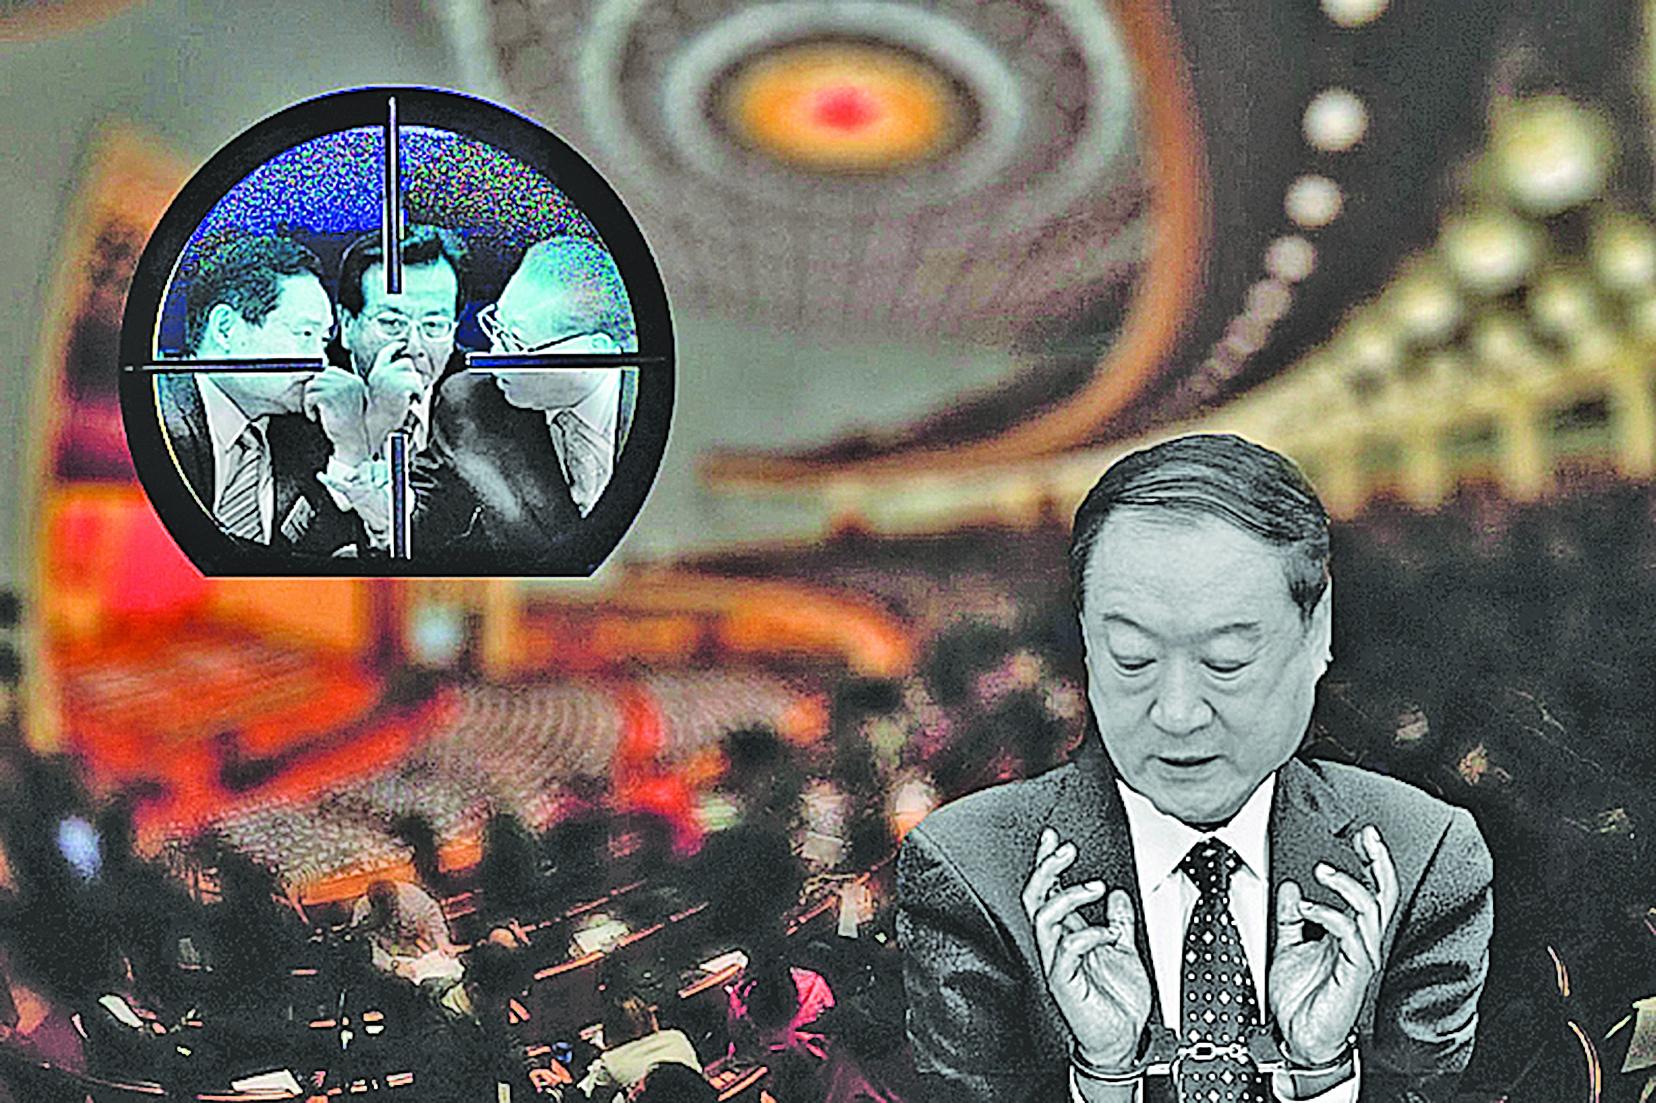 蘇榮是江澤民集團的重要成員,也是中共十八大後第一個落馬的副國級高官。(大紀元製圖)